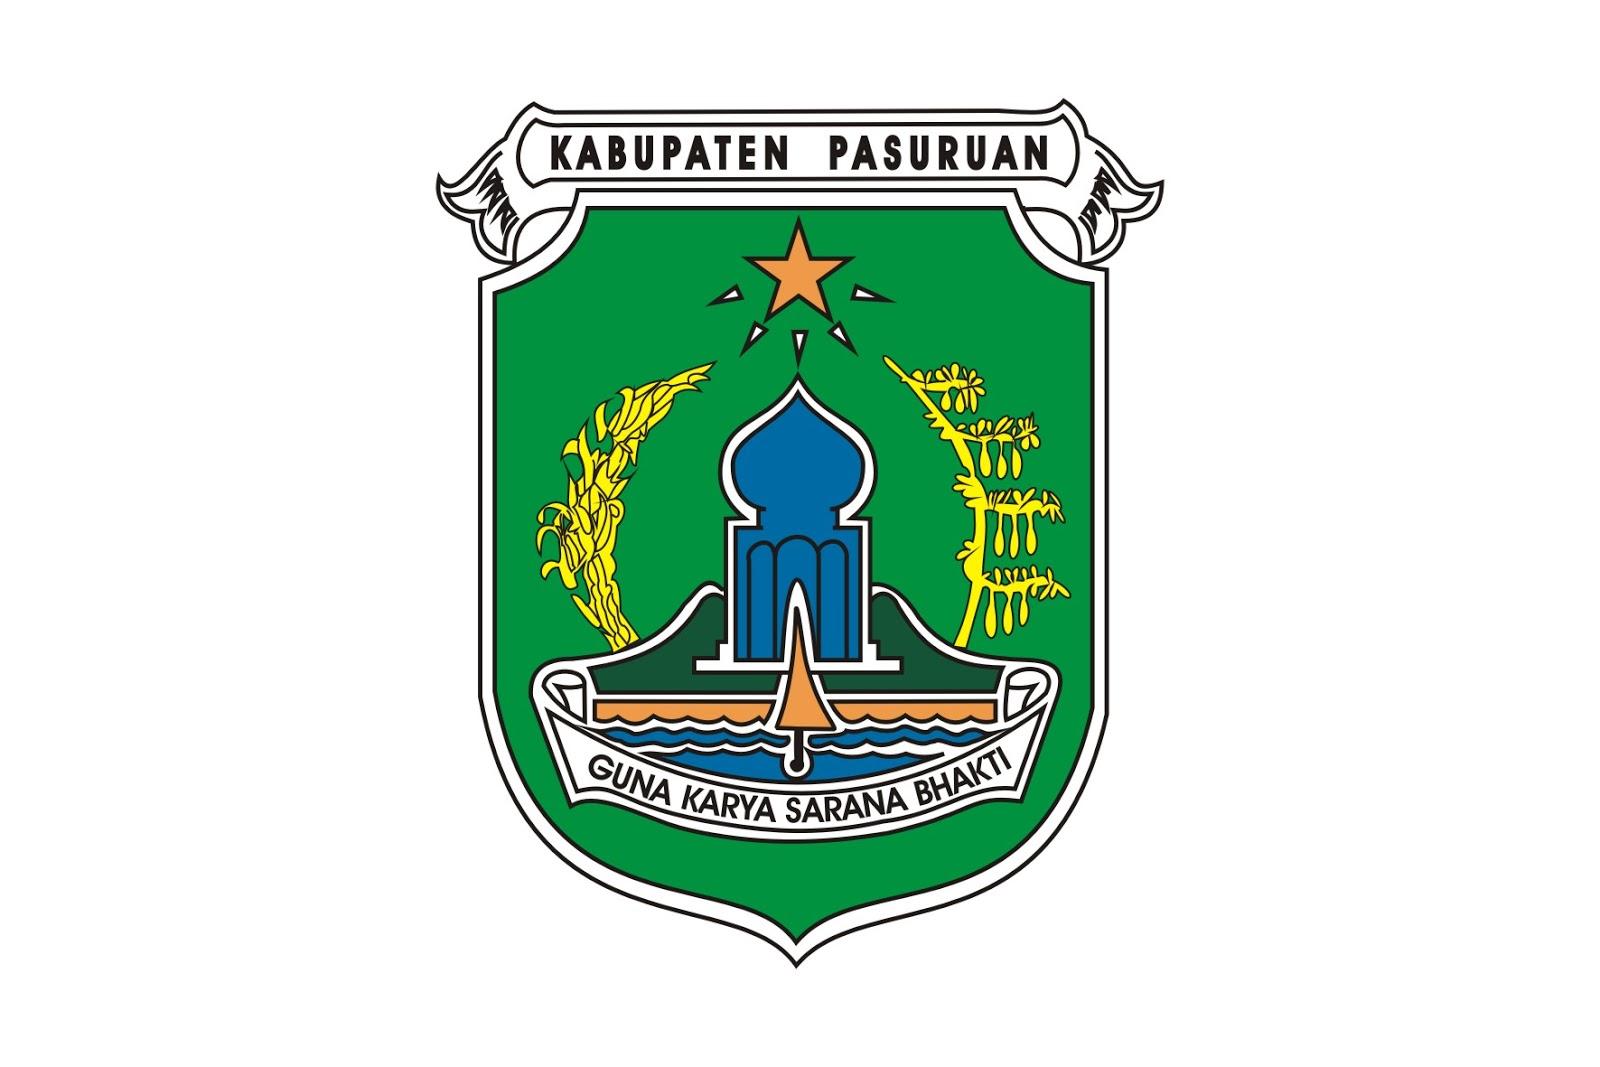 Kabupaten Pasuruan Logo Logoshare